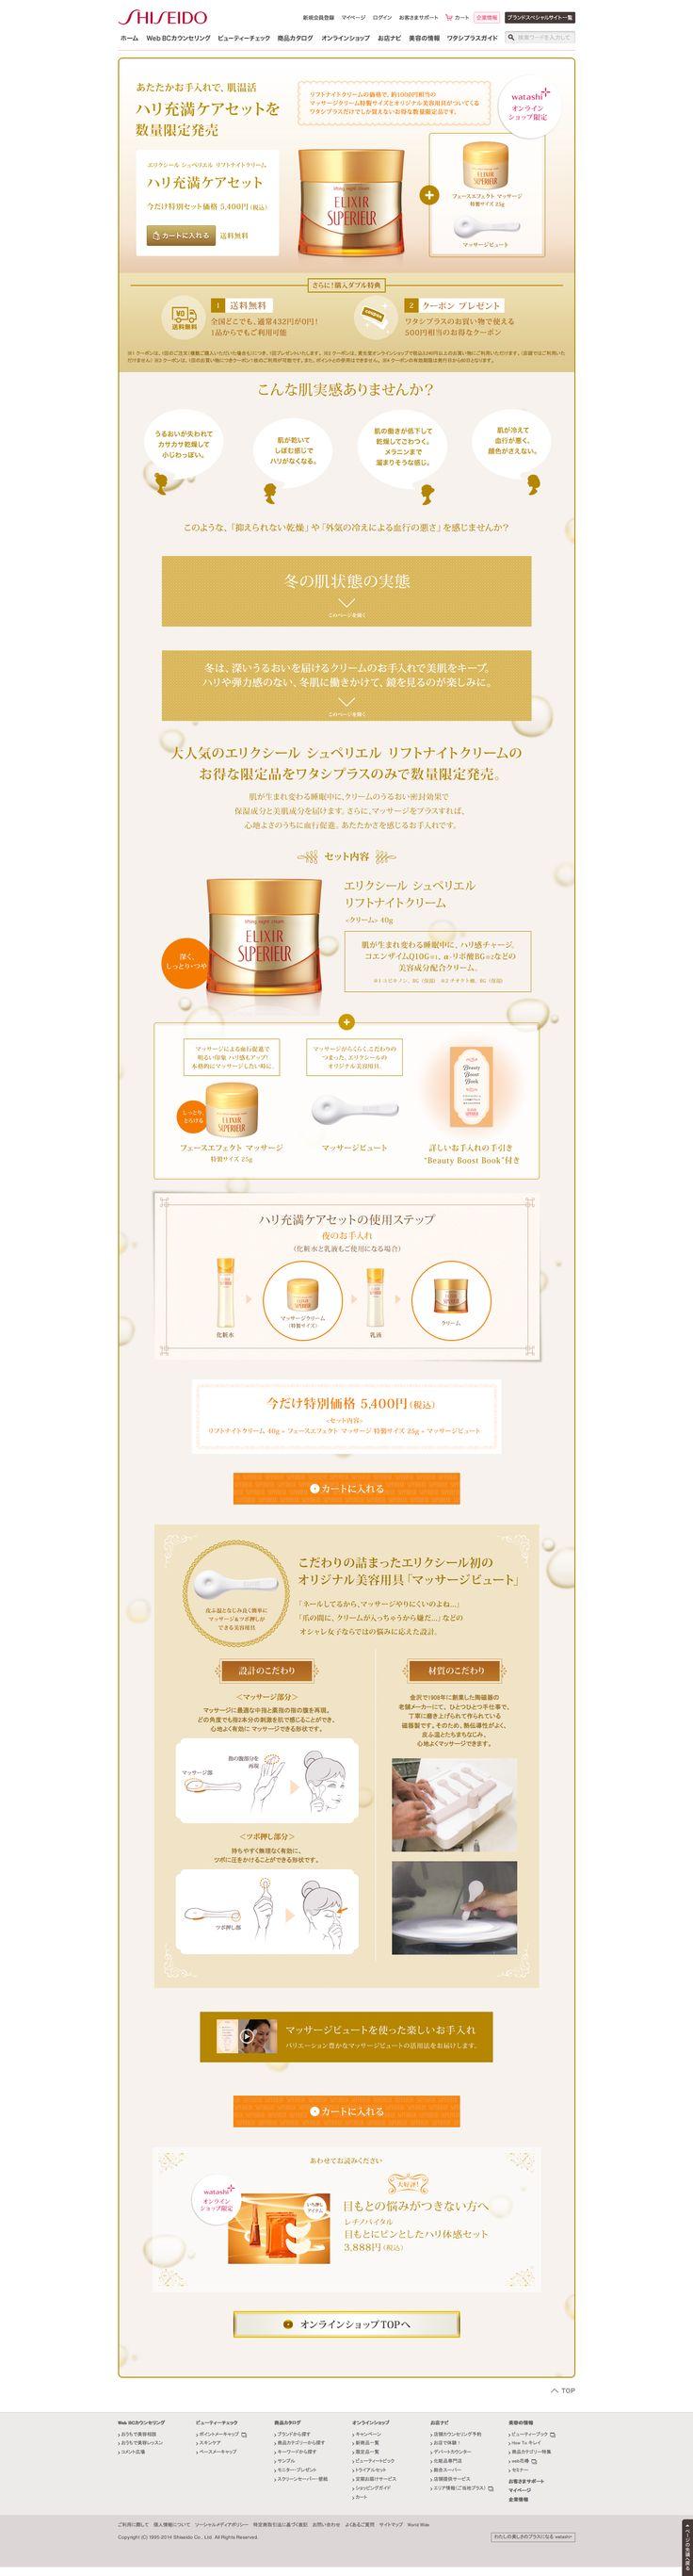 【エリクシール LP】 http://www.shiseido.co.jp/cms/onlineshop/campaign/w/eis/liftcream-set/